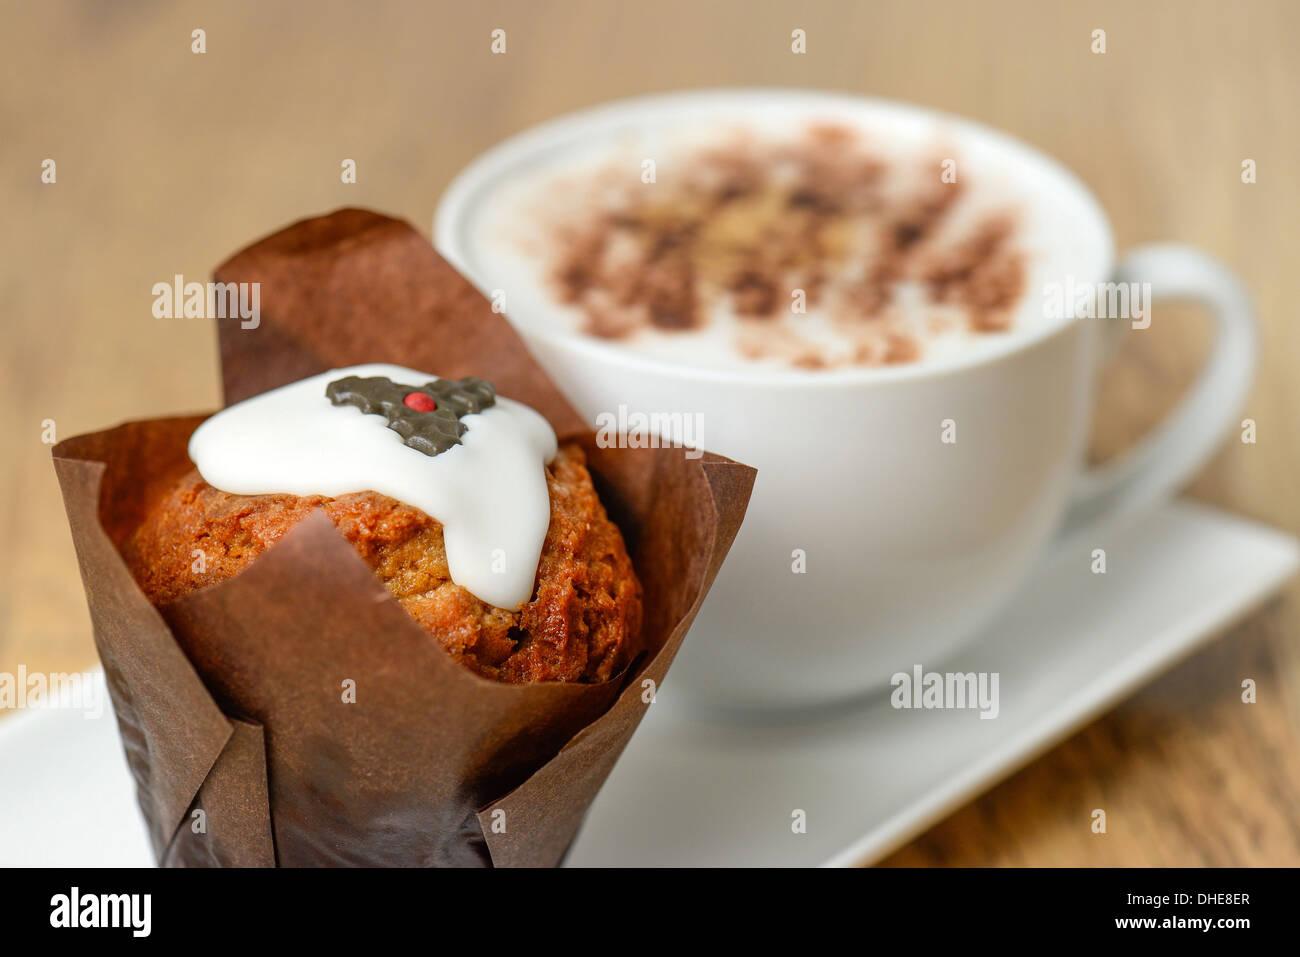 Tortina con un decorato pudding natalizio design e un cappuccino caffè - studio shot con una profondità di campo ridotta Immagini Stock